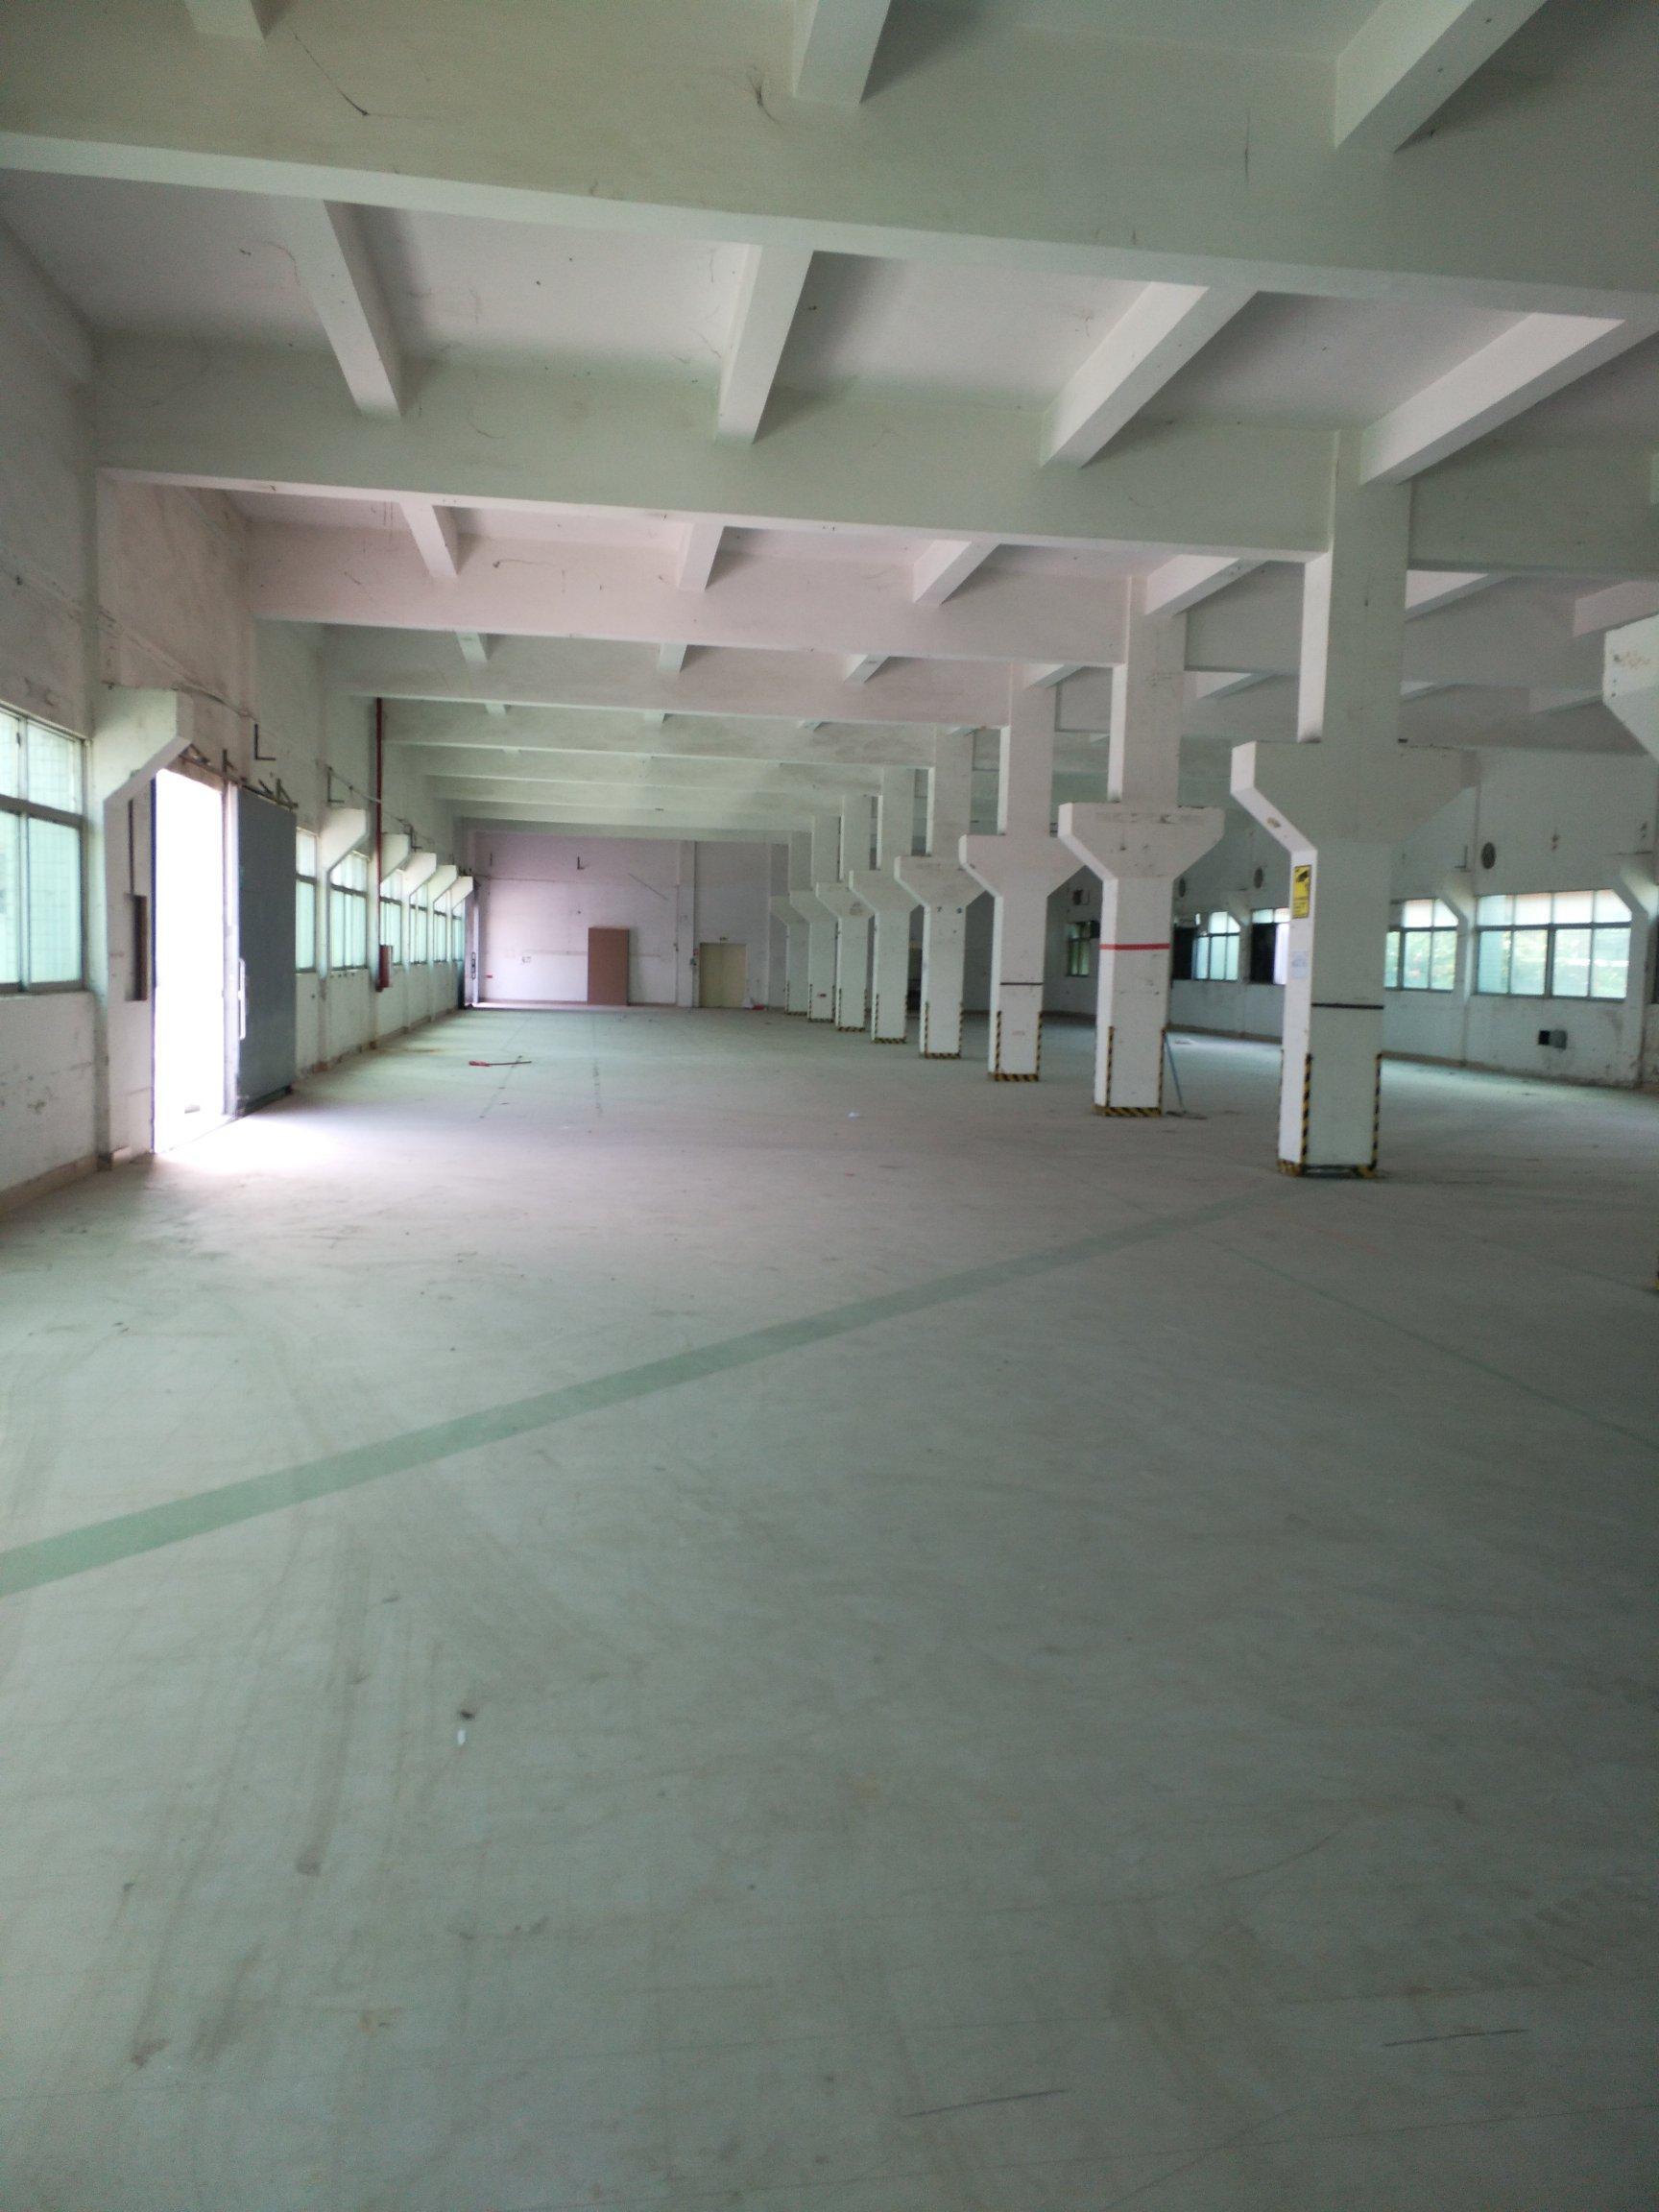 横沥新出工业园一楼1600平方,6米高,带牛角,干净整洁